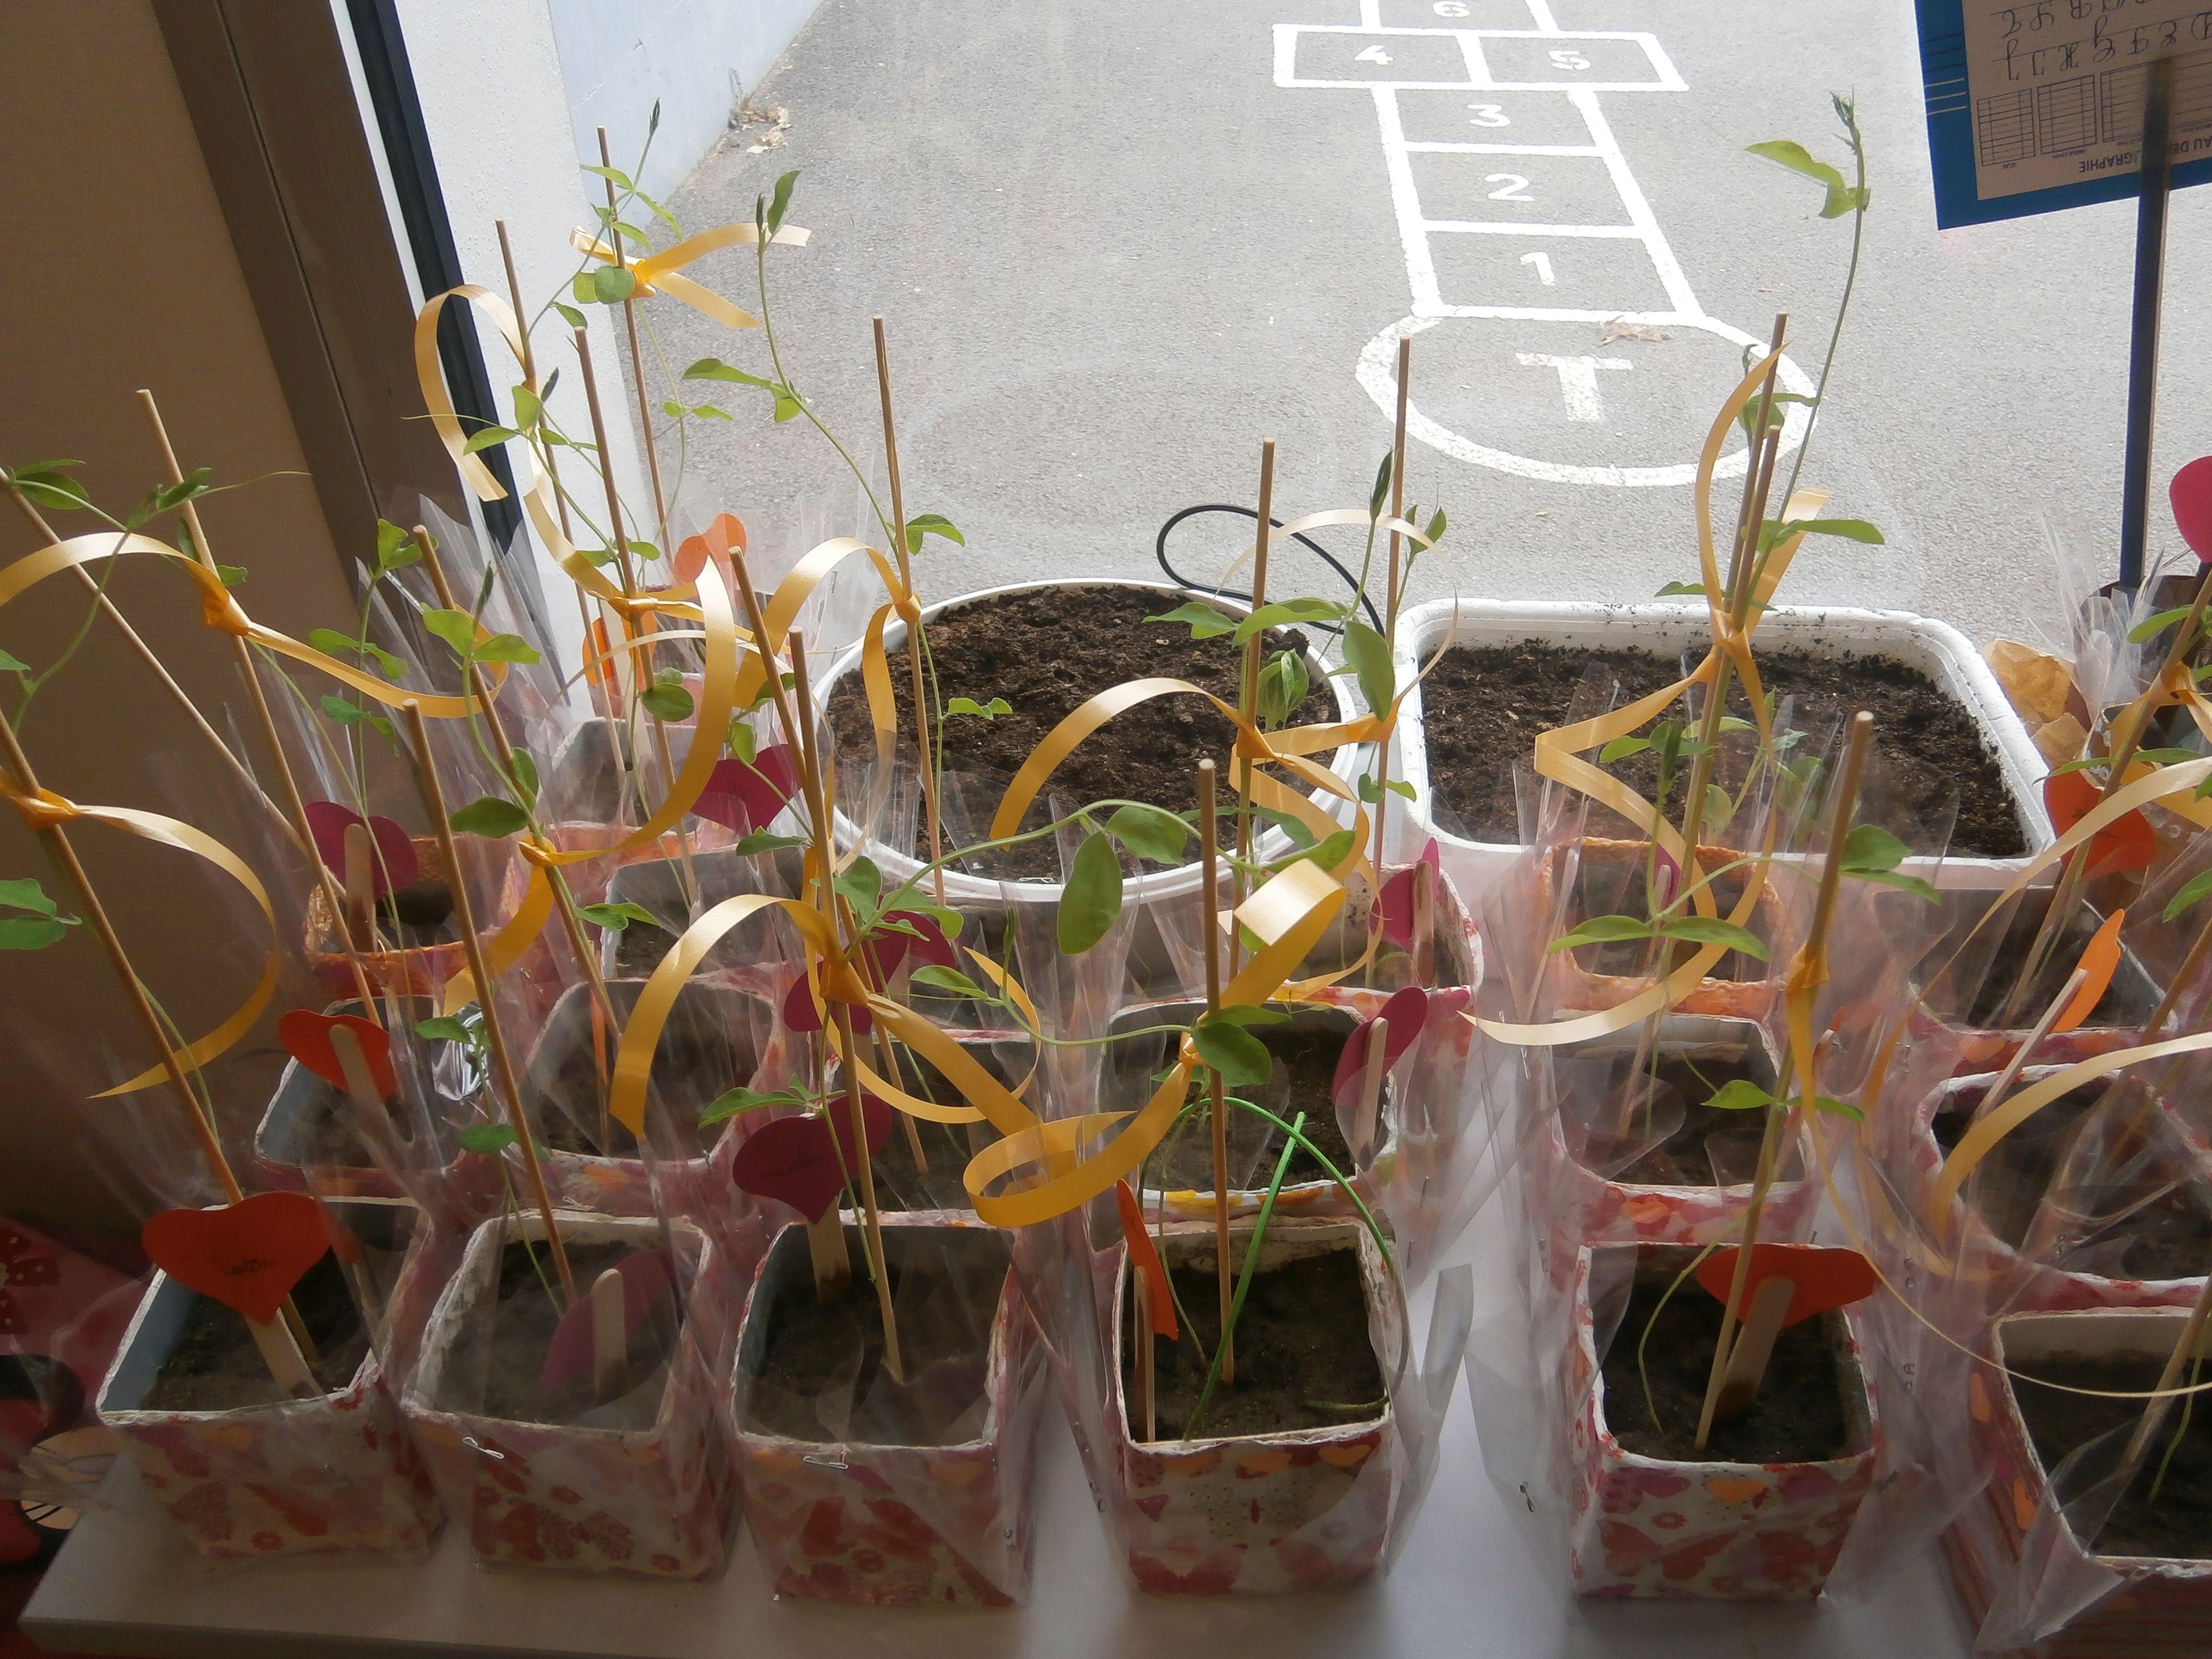 Graines De Fleurs Qui Poussent Très Vite de la graine à la plante | jardinage maternelle, blé